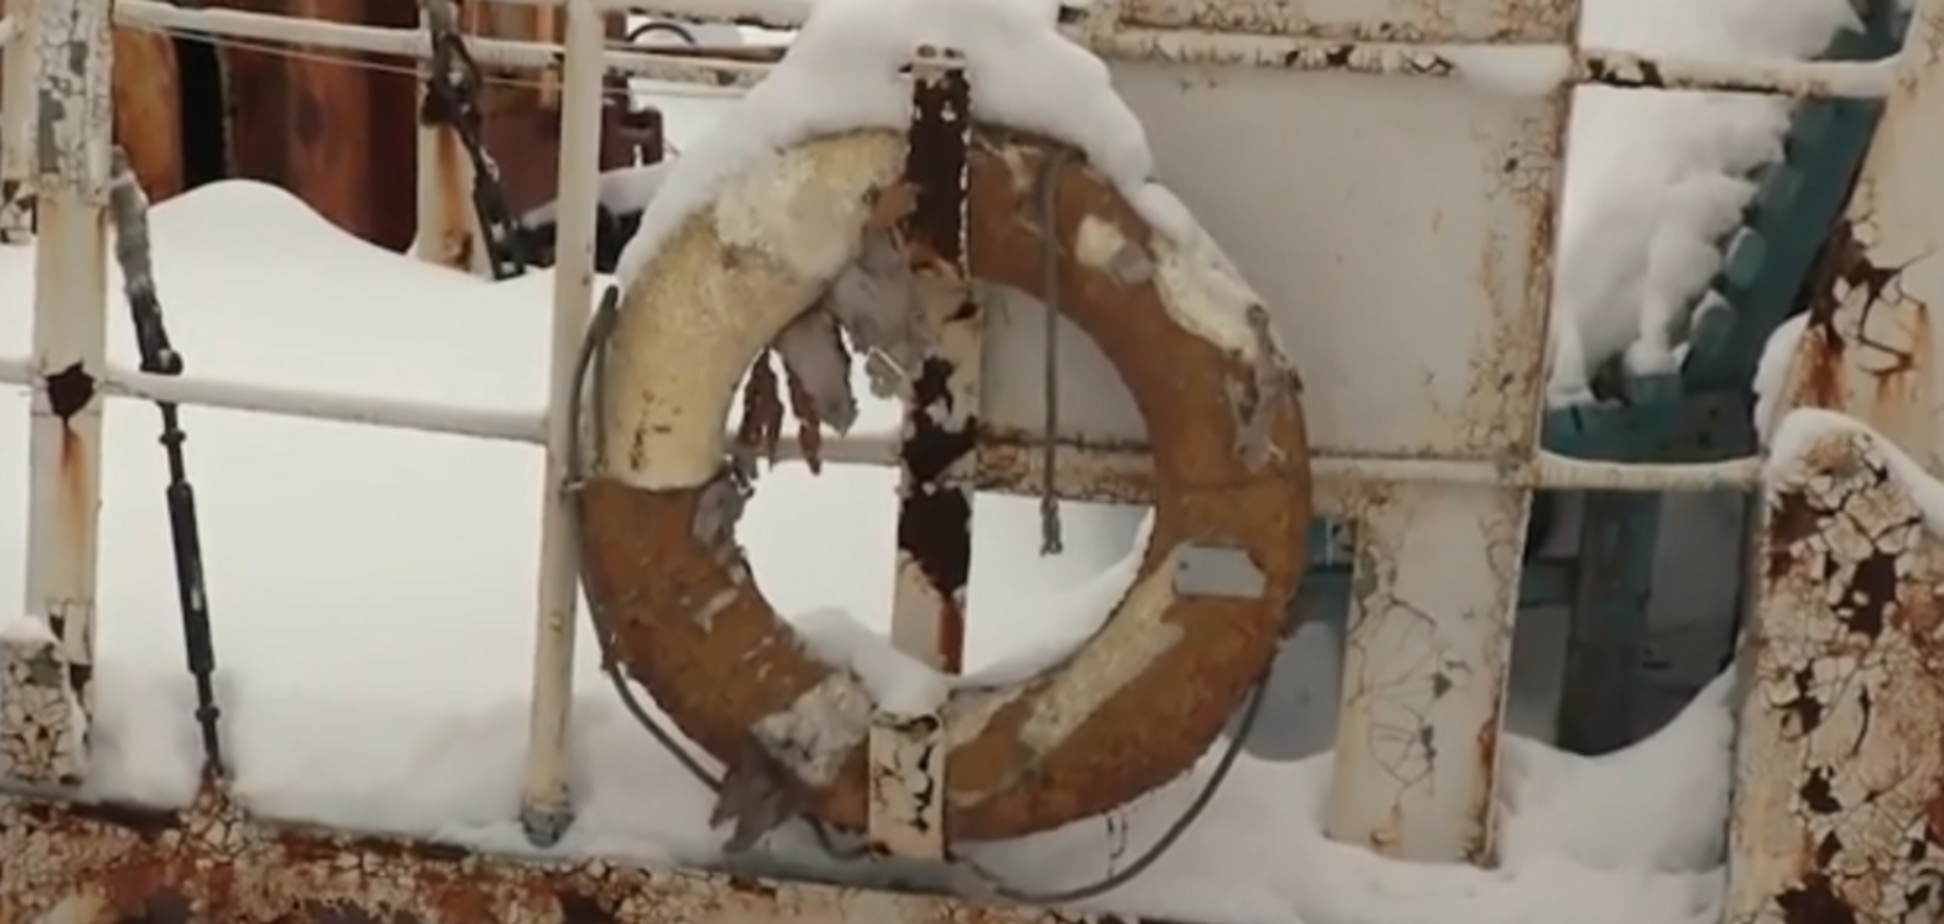 Уже не поплывут: появилось видео с самым большим в России ''кладбищем'' кораблей